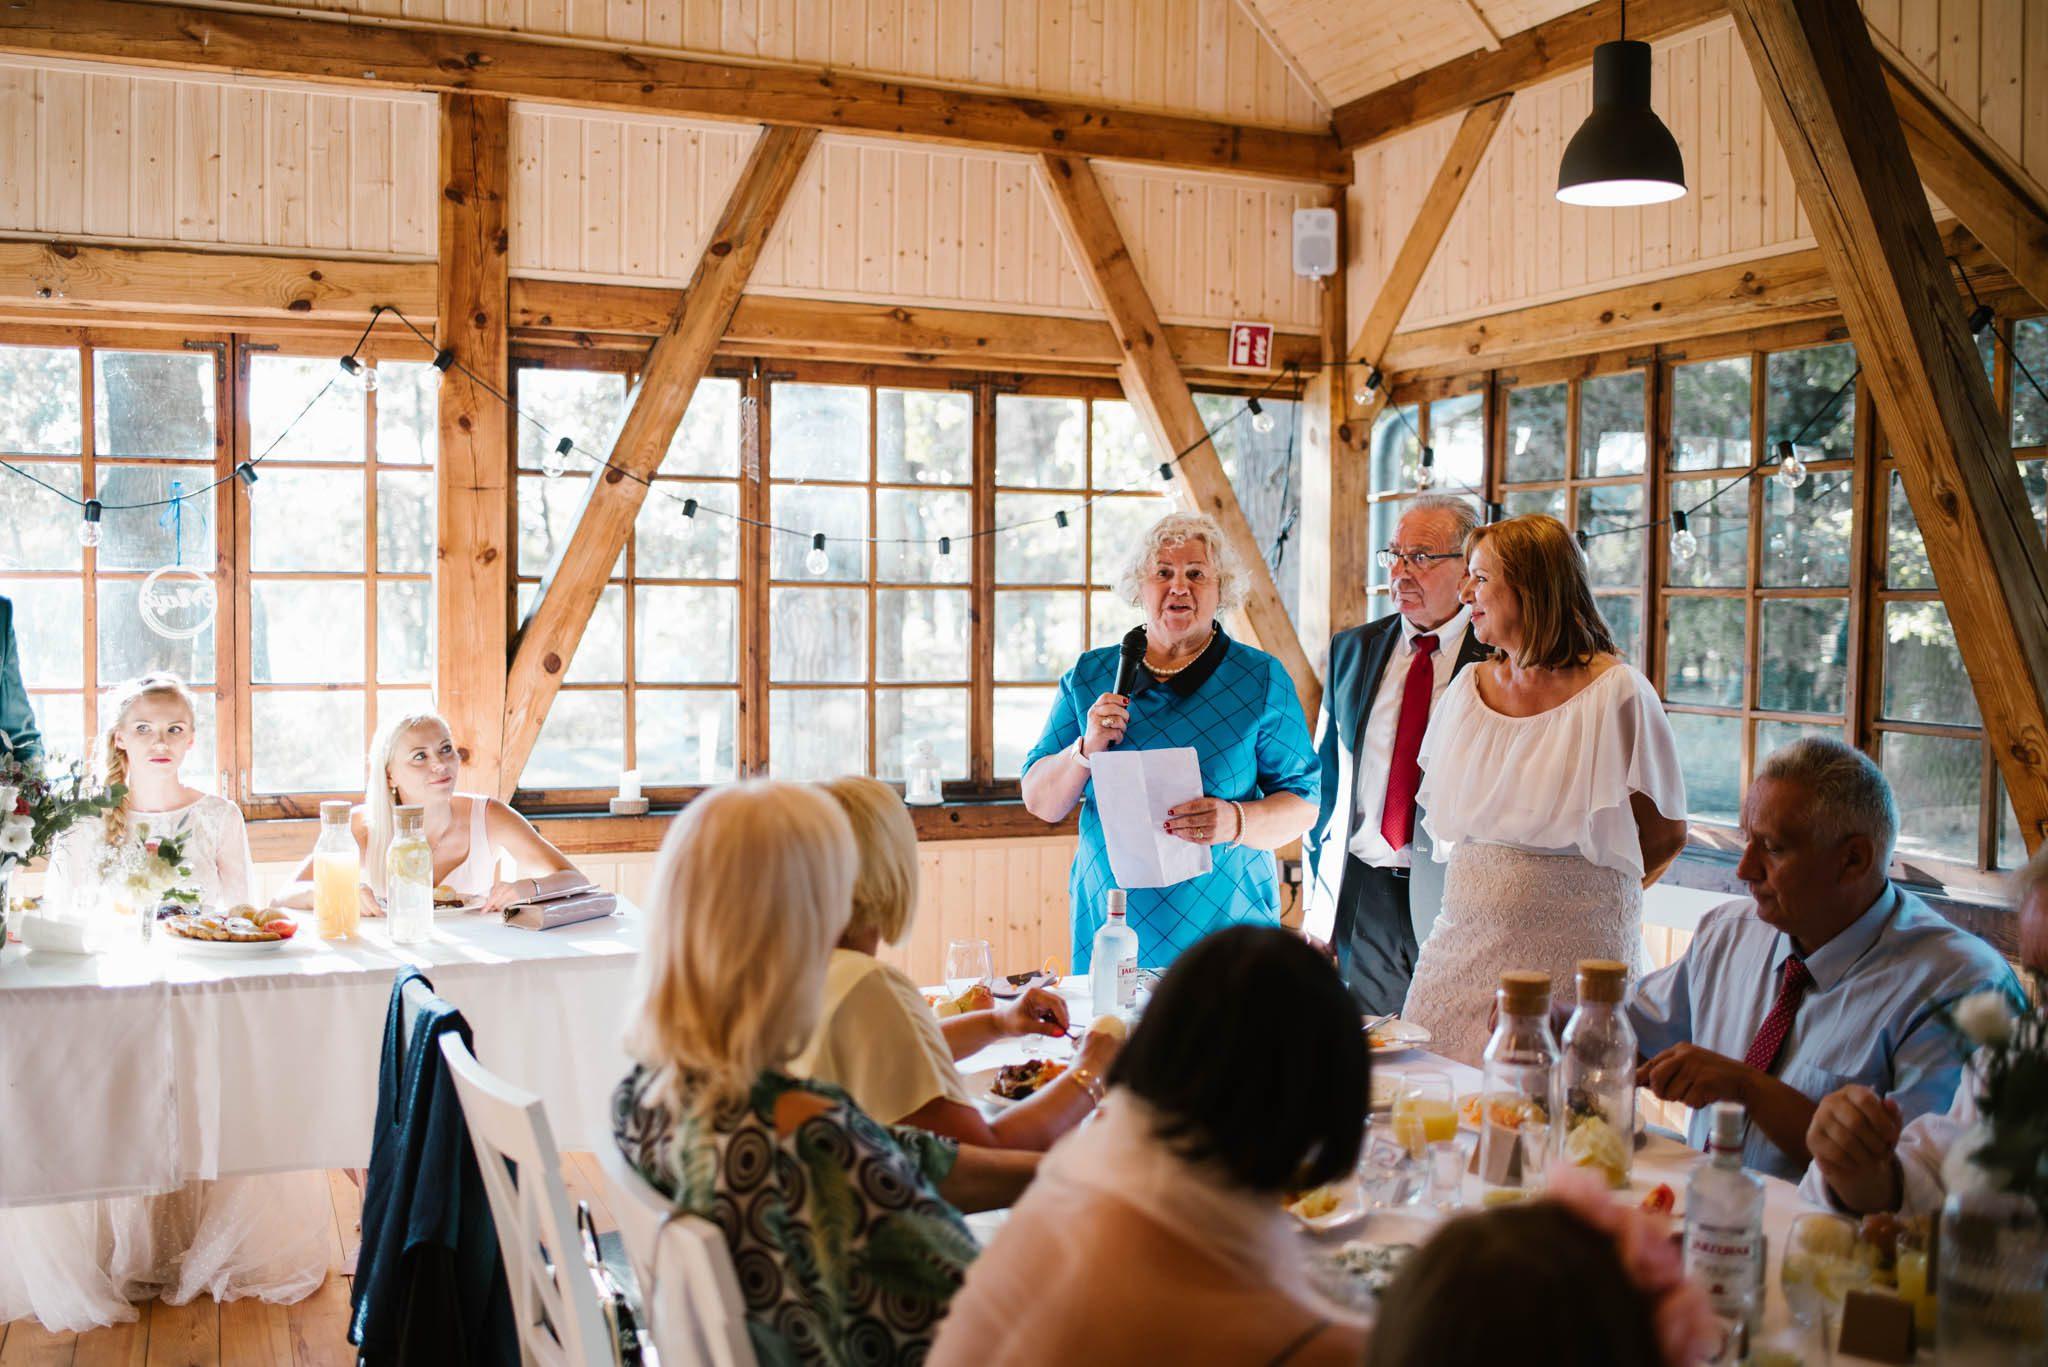 Pani odczytuje przemówienie na weselu - sesja ślubna na Wyspie Św. Edwarda Zaniemyśl